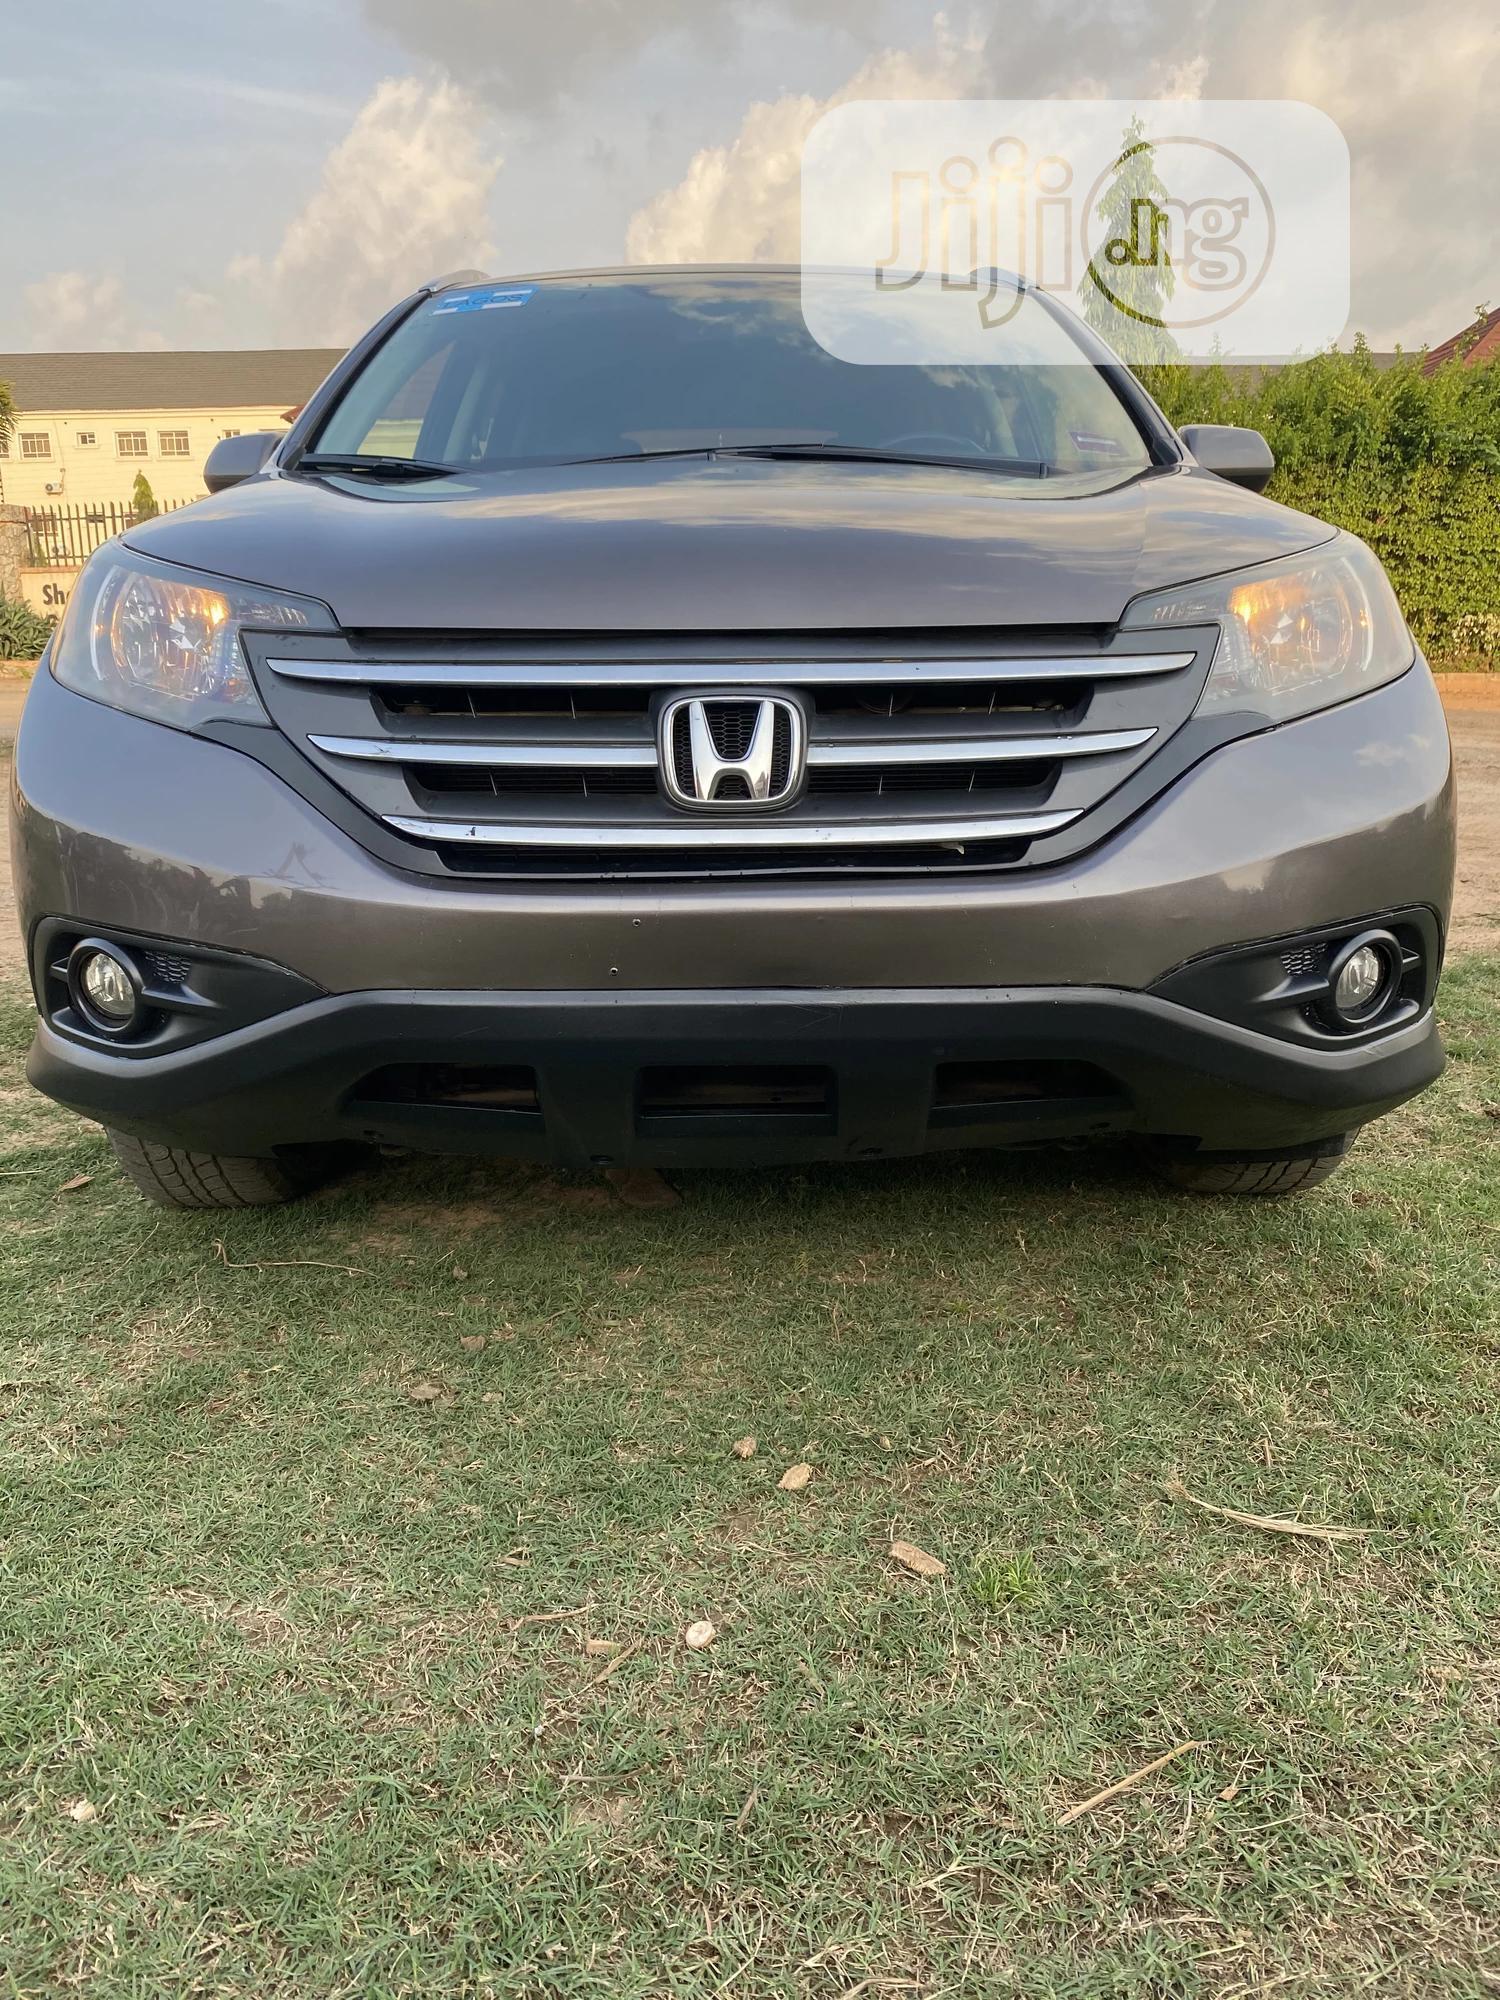 Archive: Honda CR-V 2014